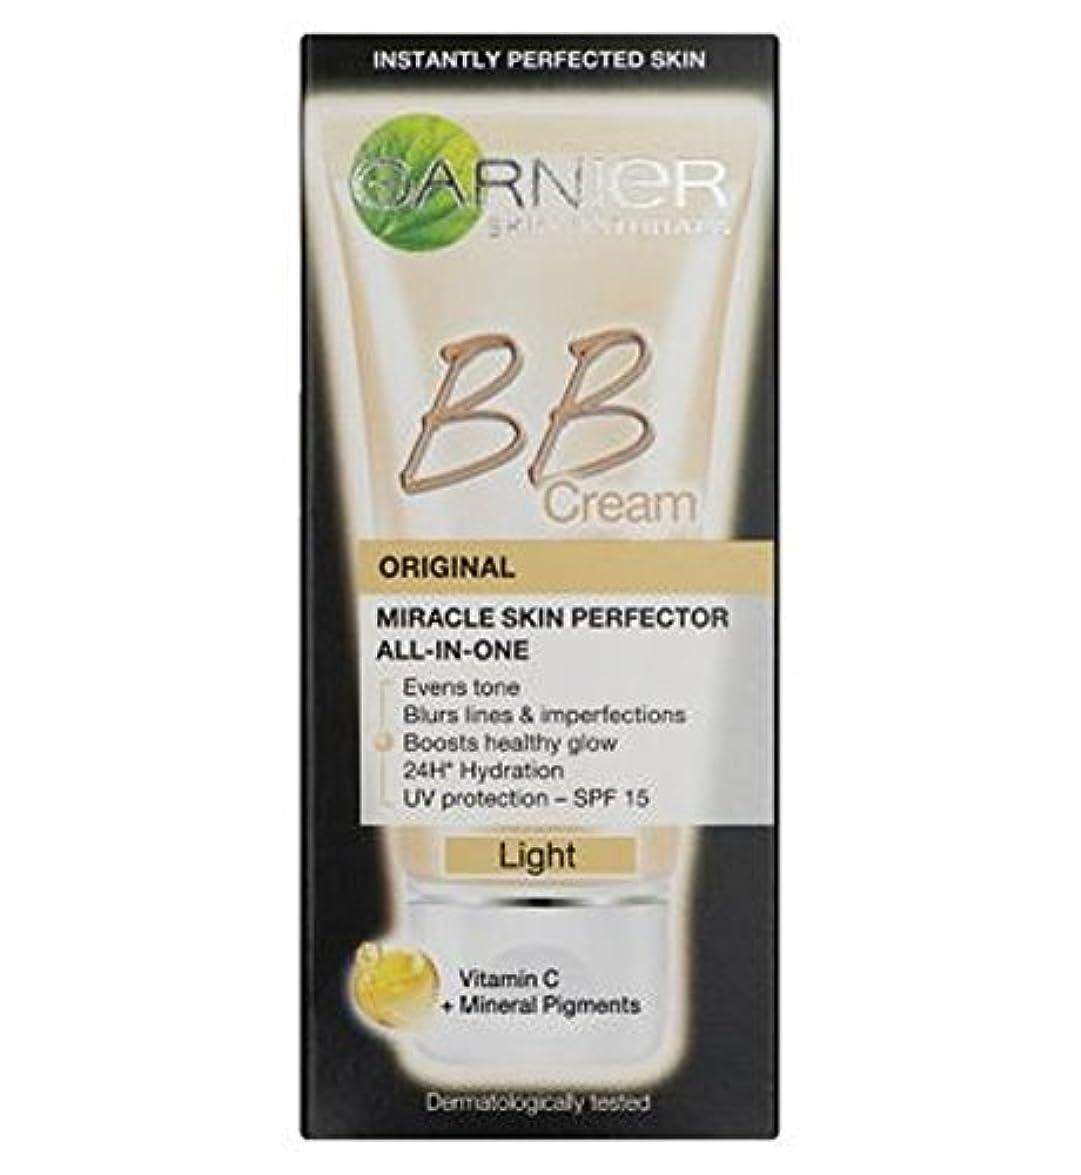 毎日オールインワンB.B.ガルニエスキンパーフェク傷バームクリームライト50ミリリットル (Garnier) (x2) - Garnier Skin Perfector Daily All-In-One B.B. Blemish...